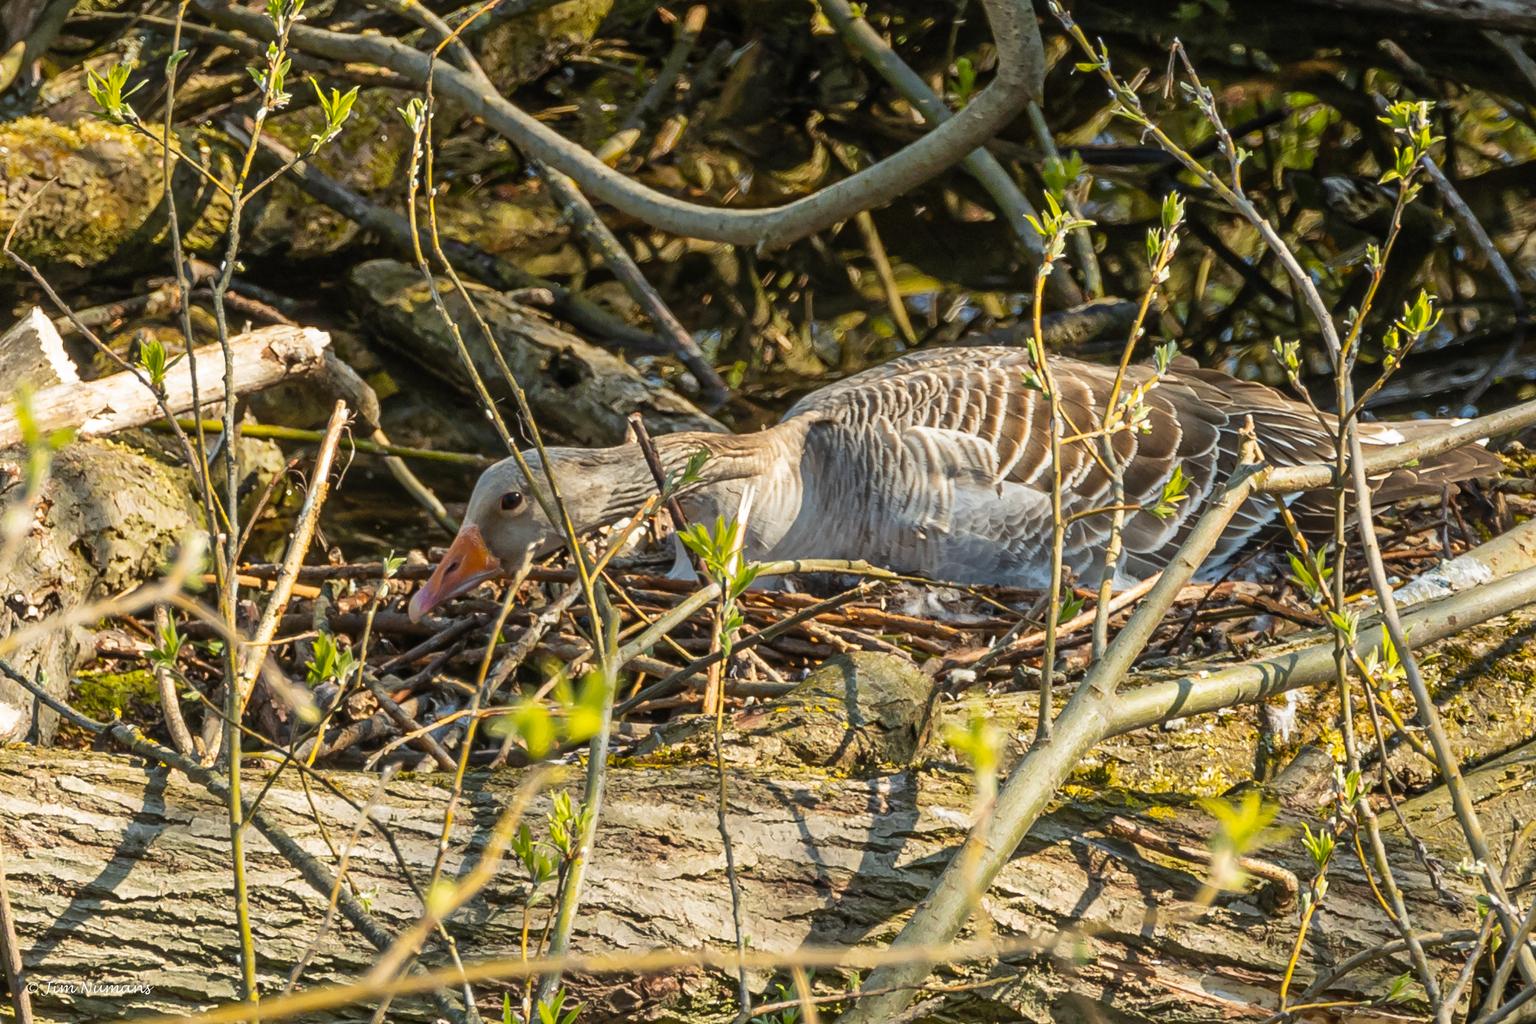 Gecamoufleerd - Deze moedergans viel mij op doordat ze zo ineen gedoken op het nest lag. Nu bleek ze op een 5-tal eieren te liggen en om zich voor naderend onheil te - foto door Jimbob op 16-04-2021 - locatie: 5327 Hurwenen, Nederland - deze foto bevat: gans, broeden, schutkleur, fabriek, bek, carnivoor, geschaald reptiel, reptiel, organisme, takje, gras, fawn, terrestrische dieren